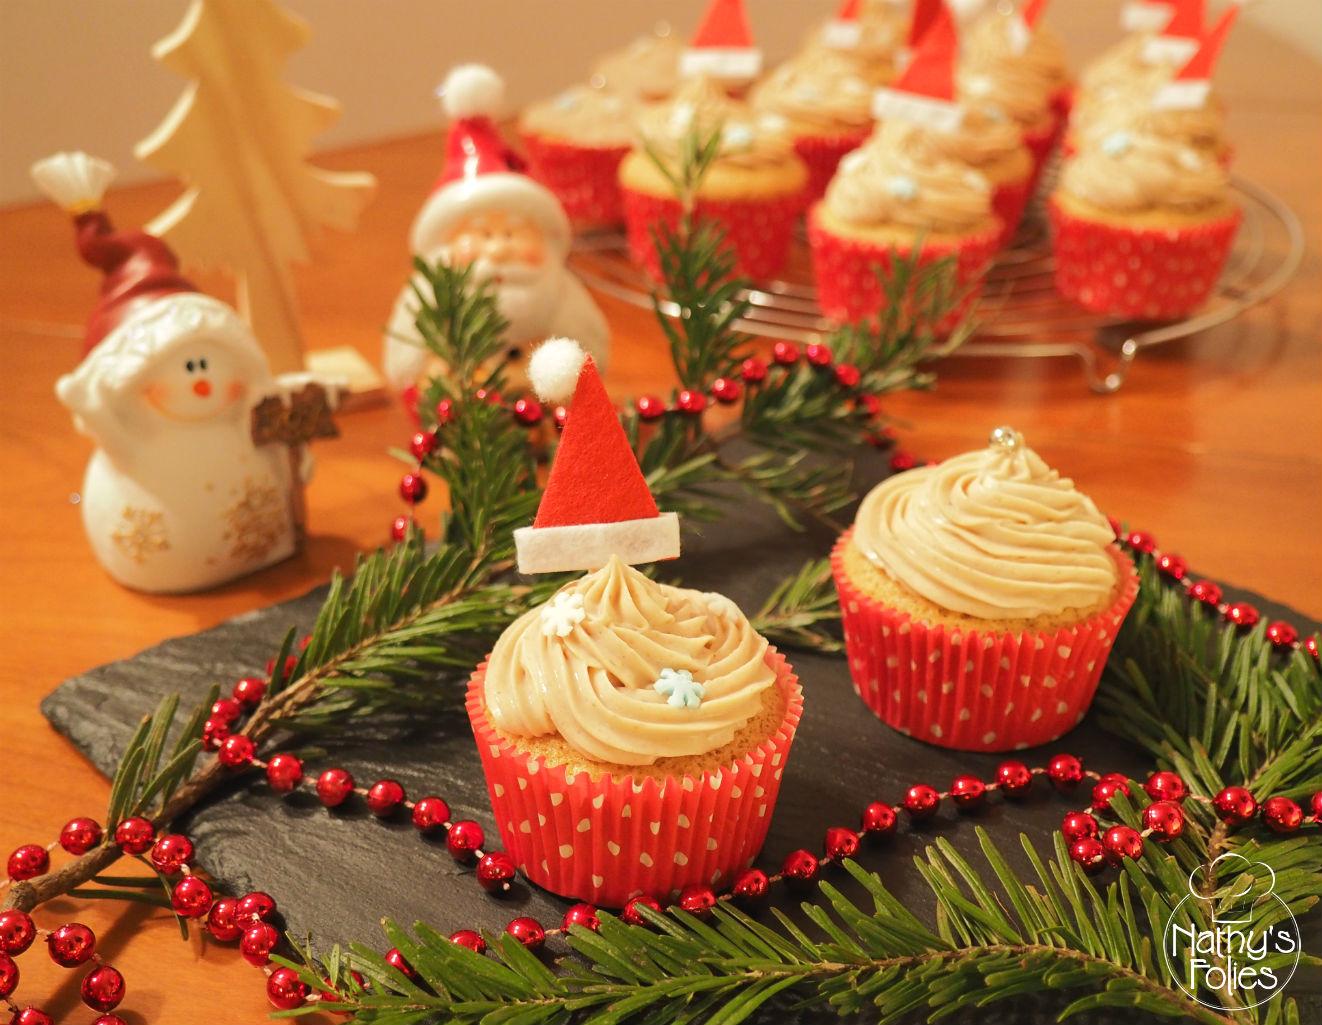 Cupcakes aux marrons, en attendant Noël !